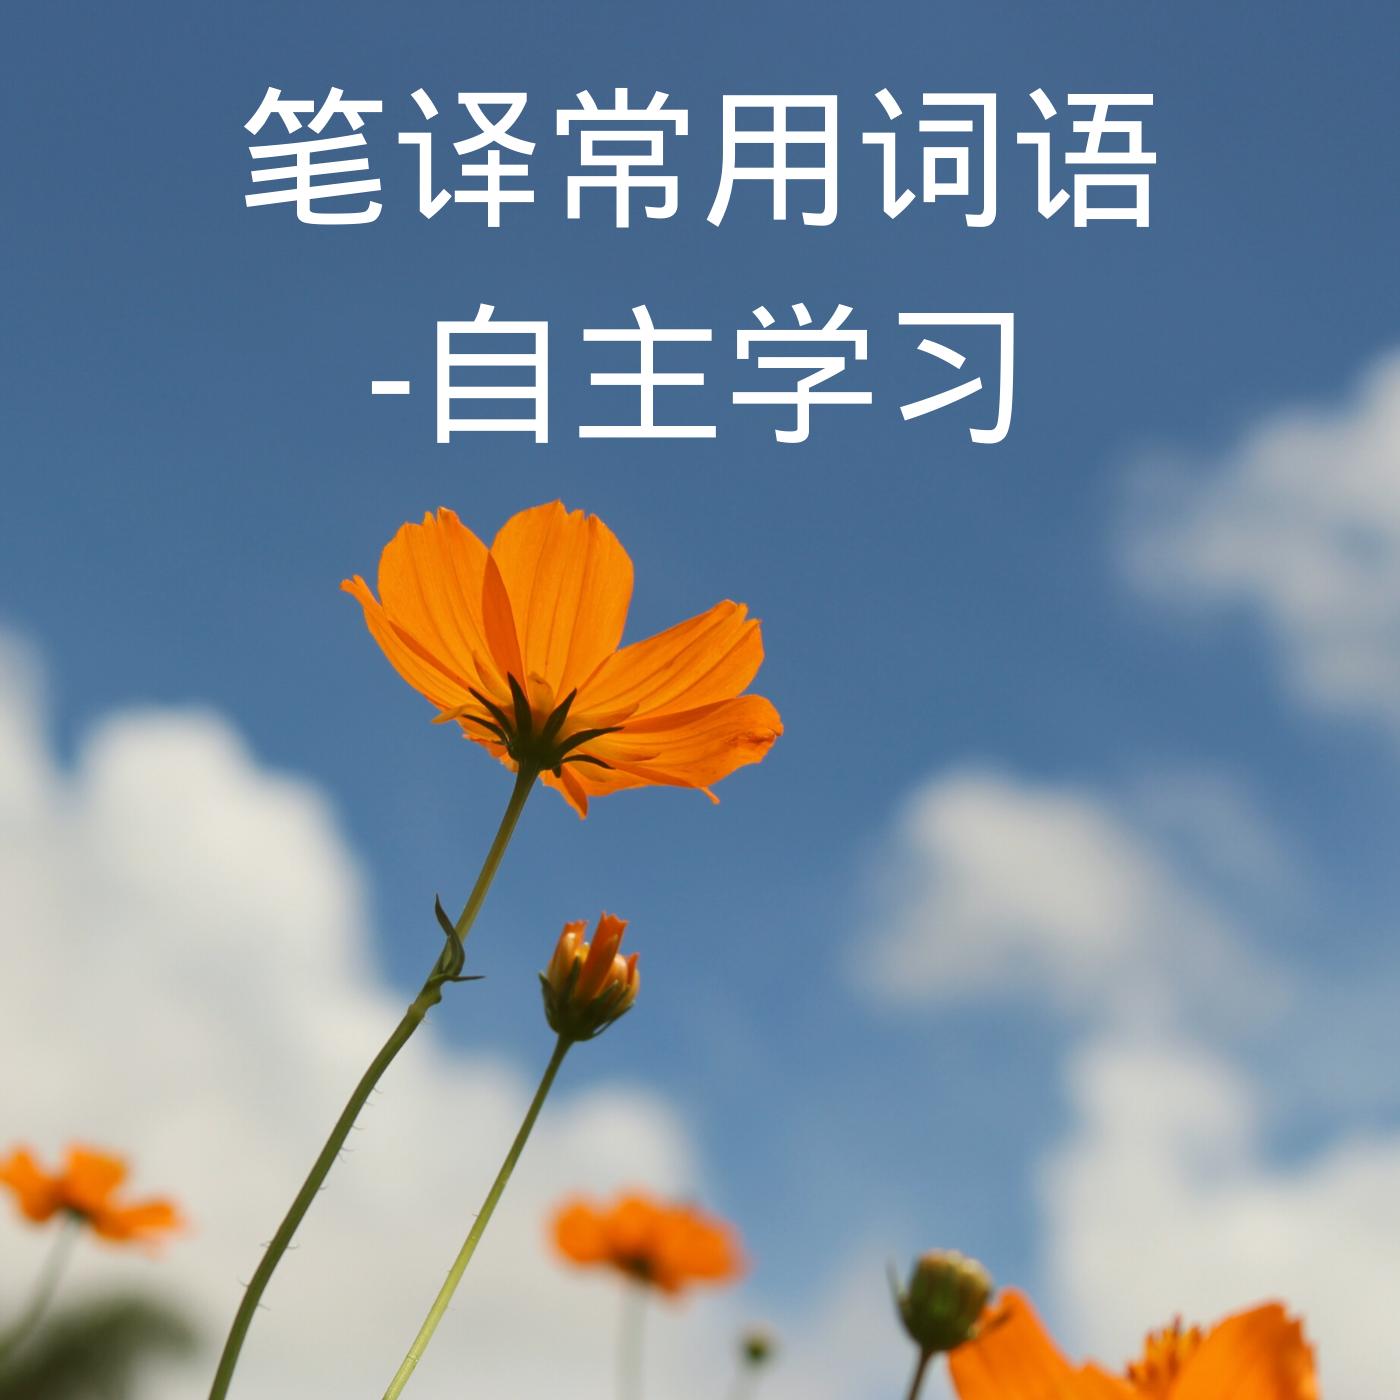 笔译常用词语-自主学习